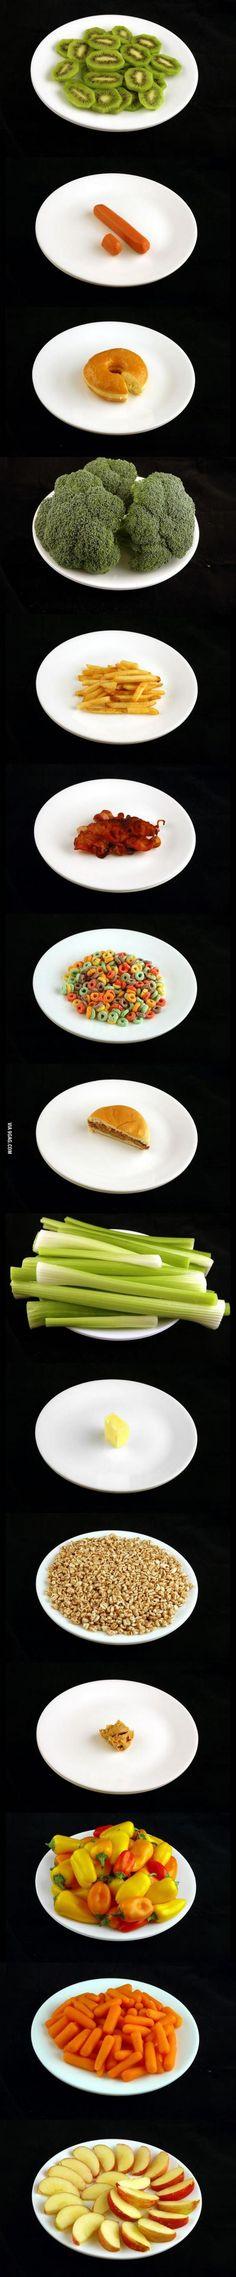 Jak wygląda 200 kalorii na talerzu?